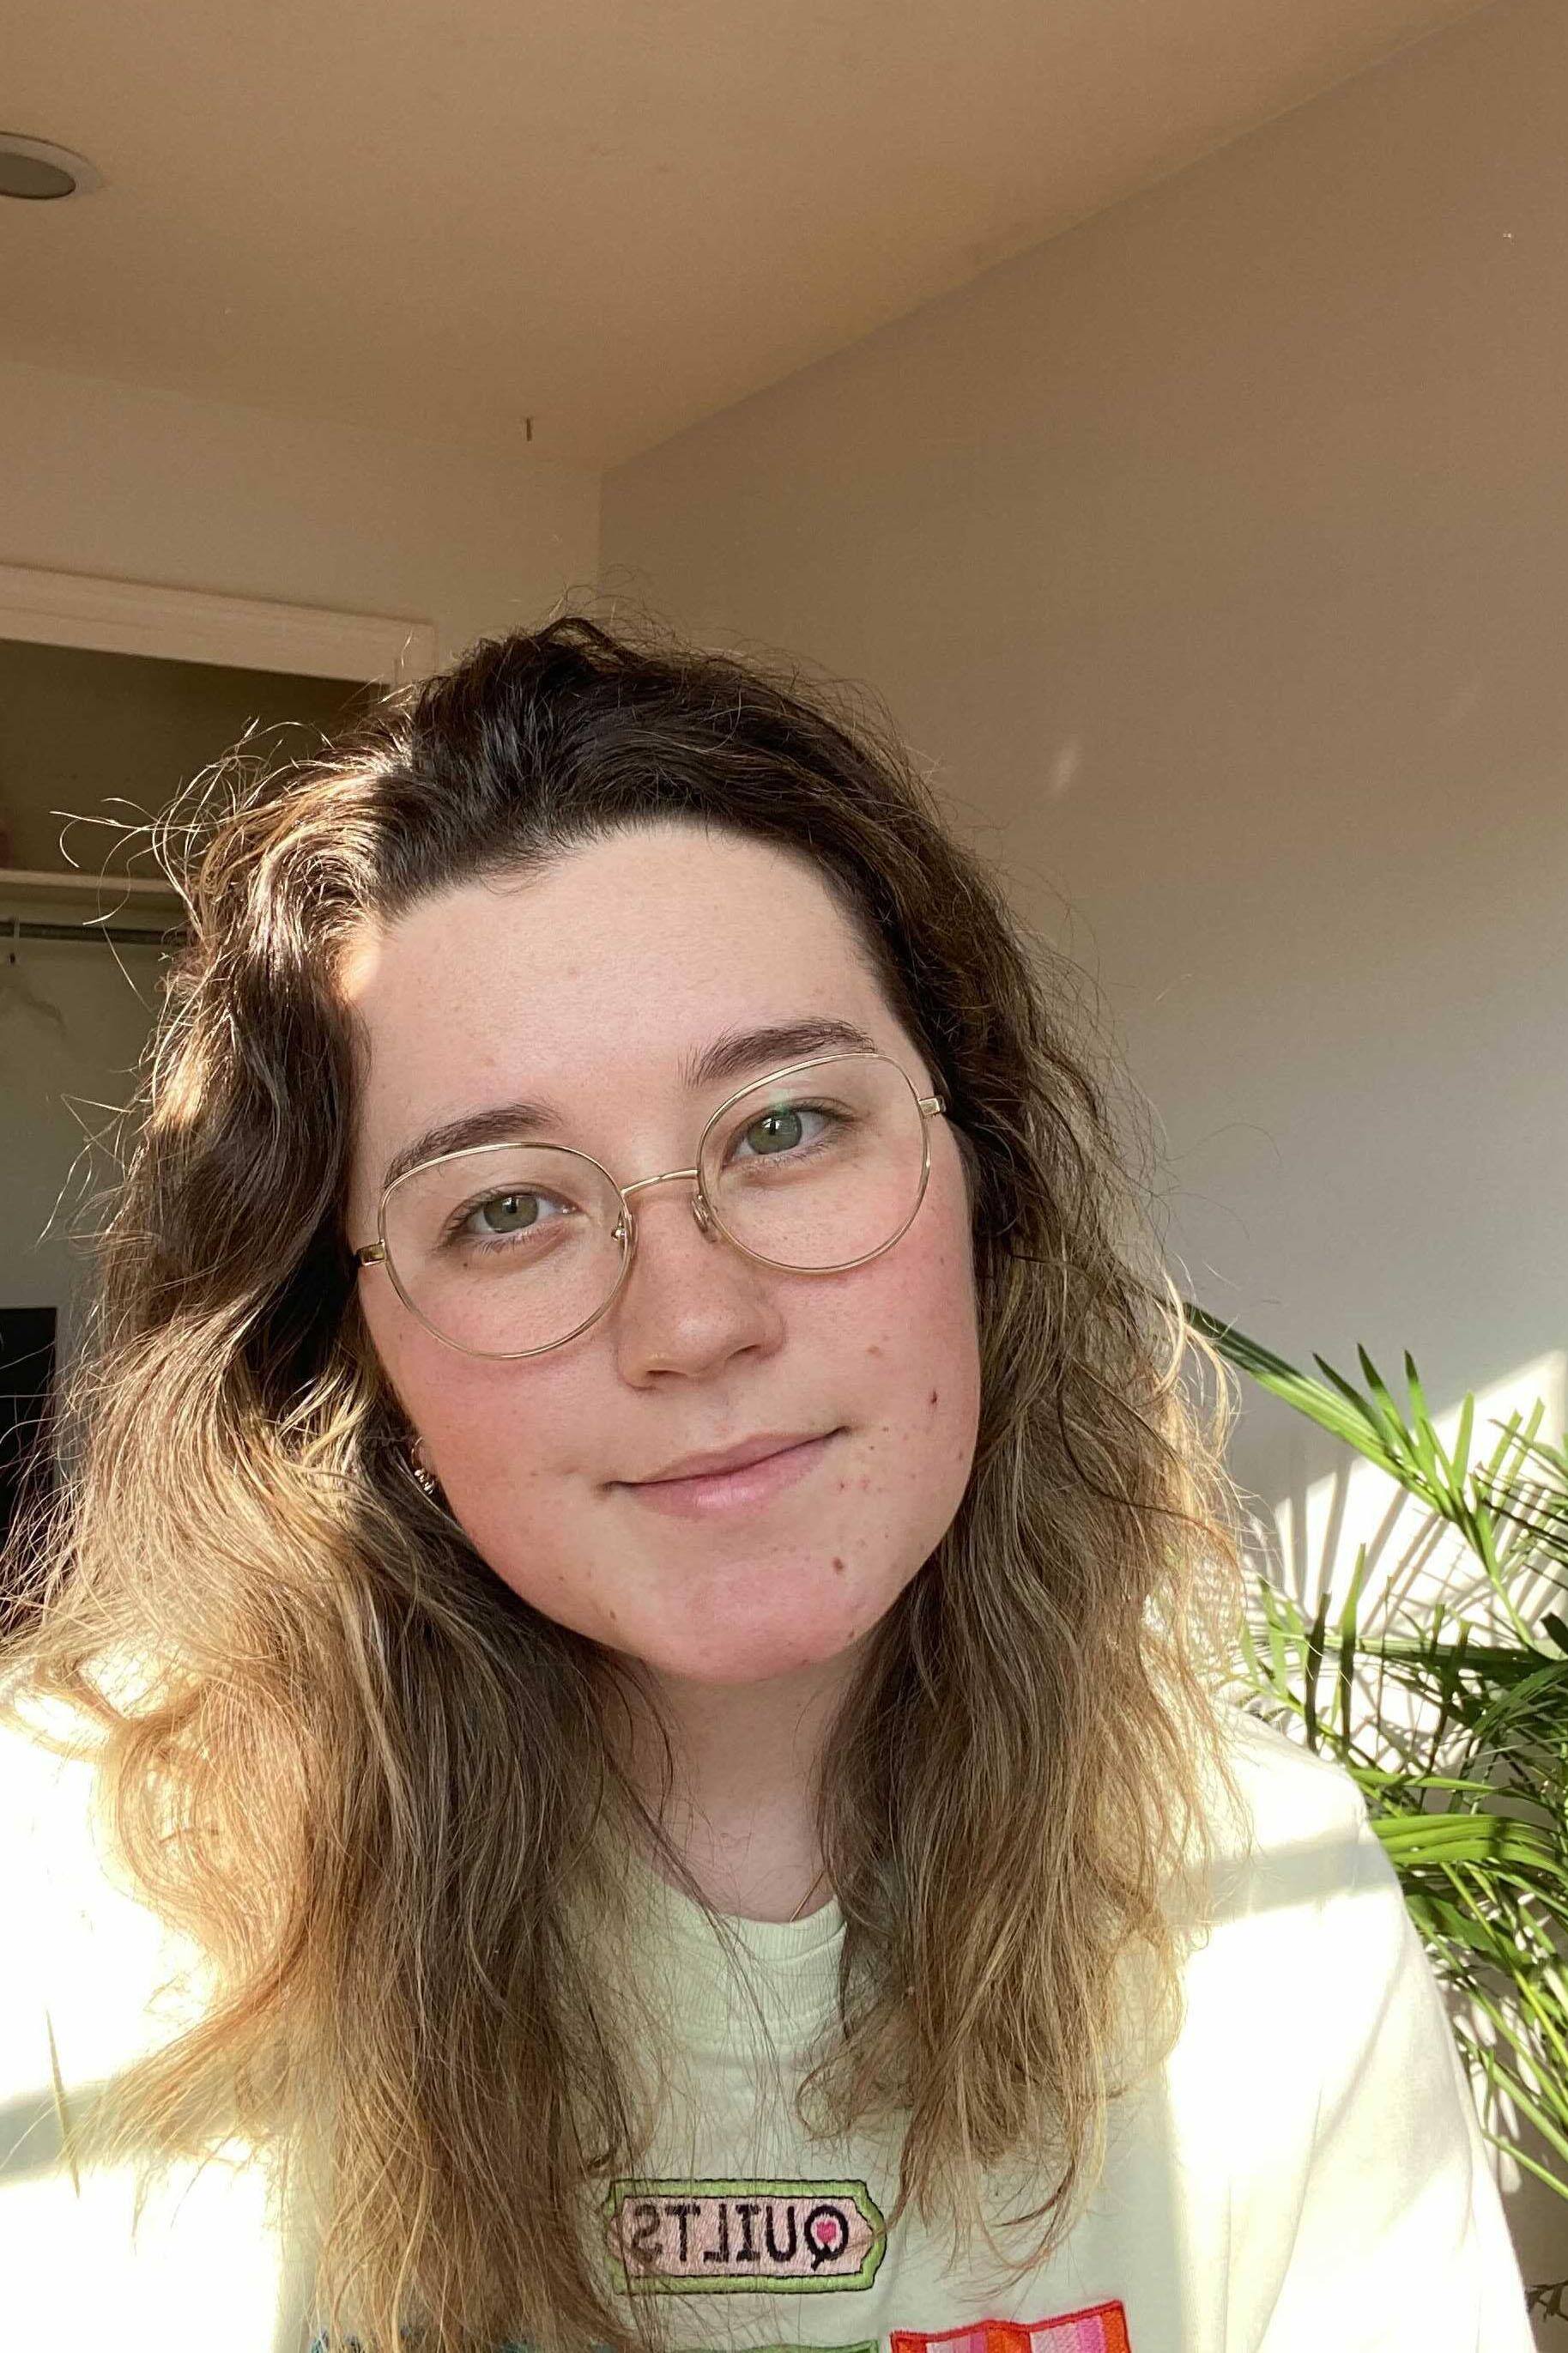 Paige Manley portrait photo